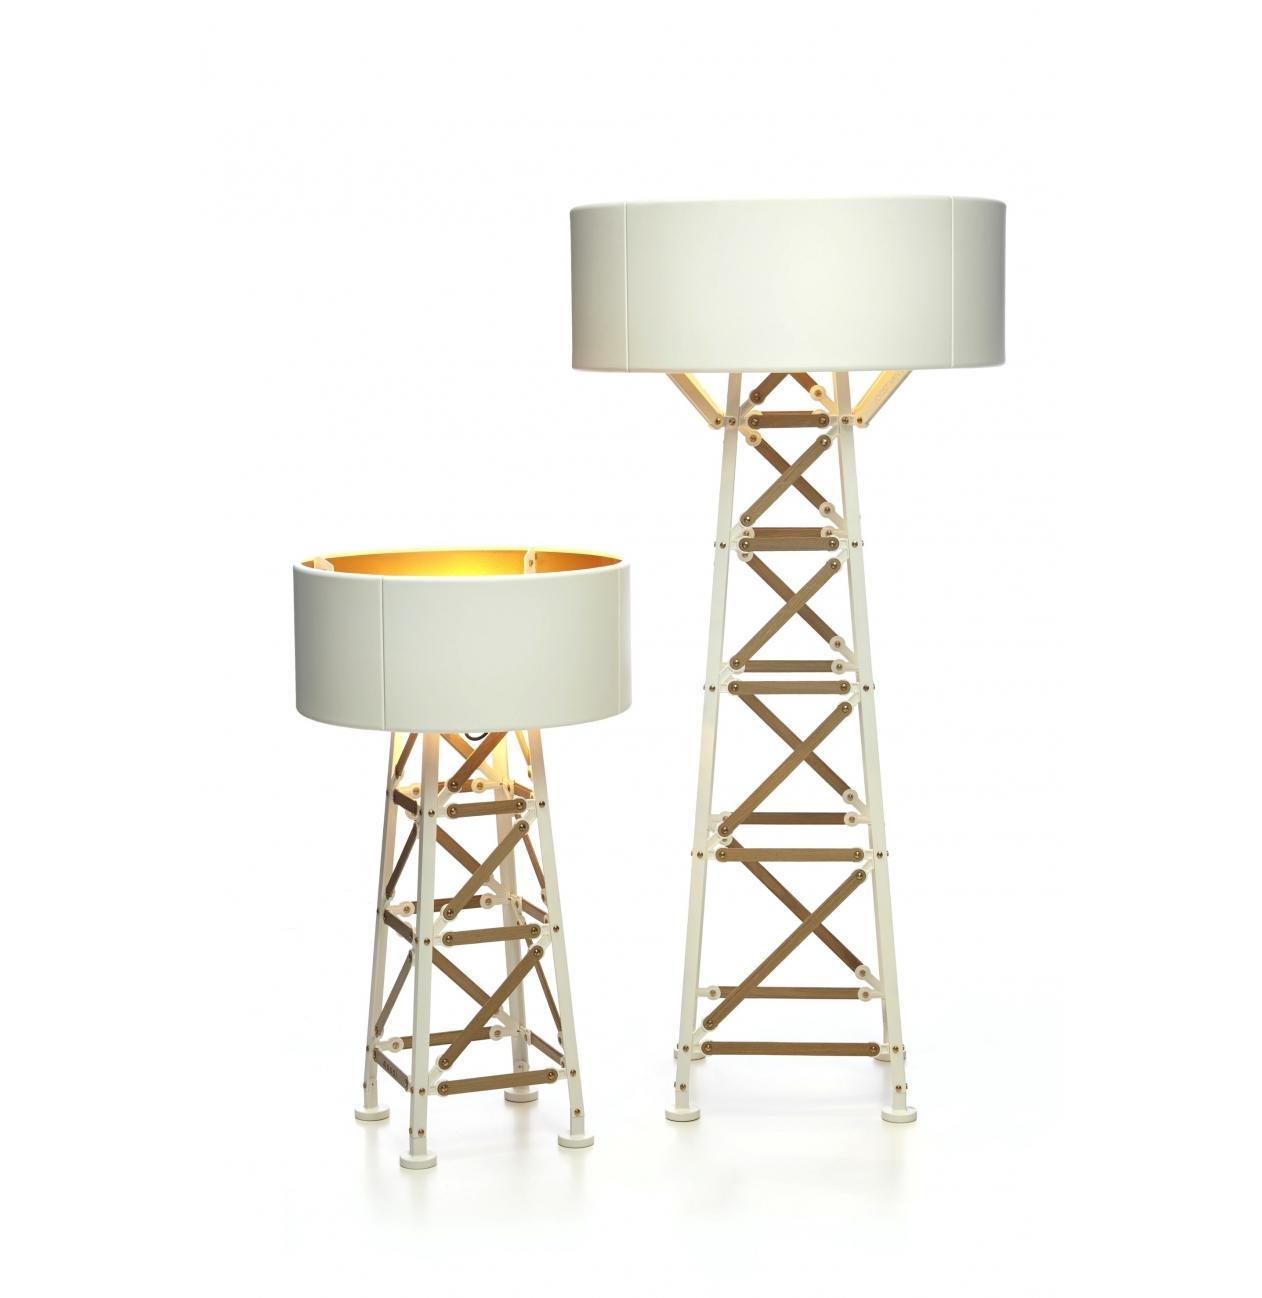 https://www.versteeglichtstudio.nl/uploads/producten/vloerlamp-construction-lamp4023l.jpg